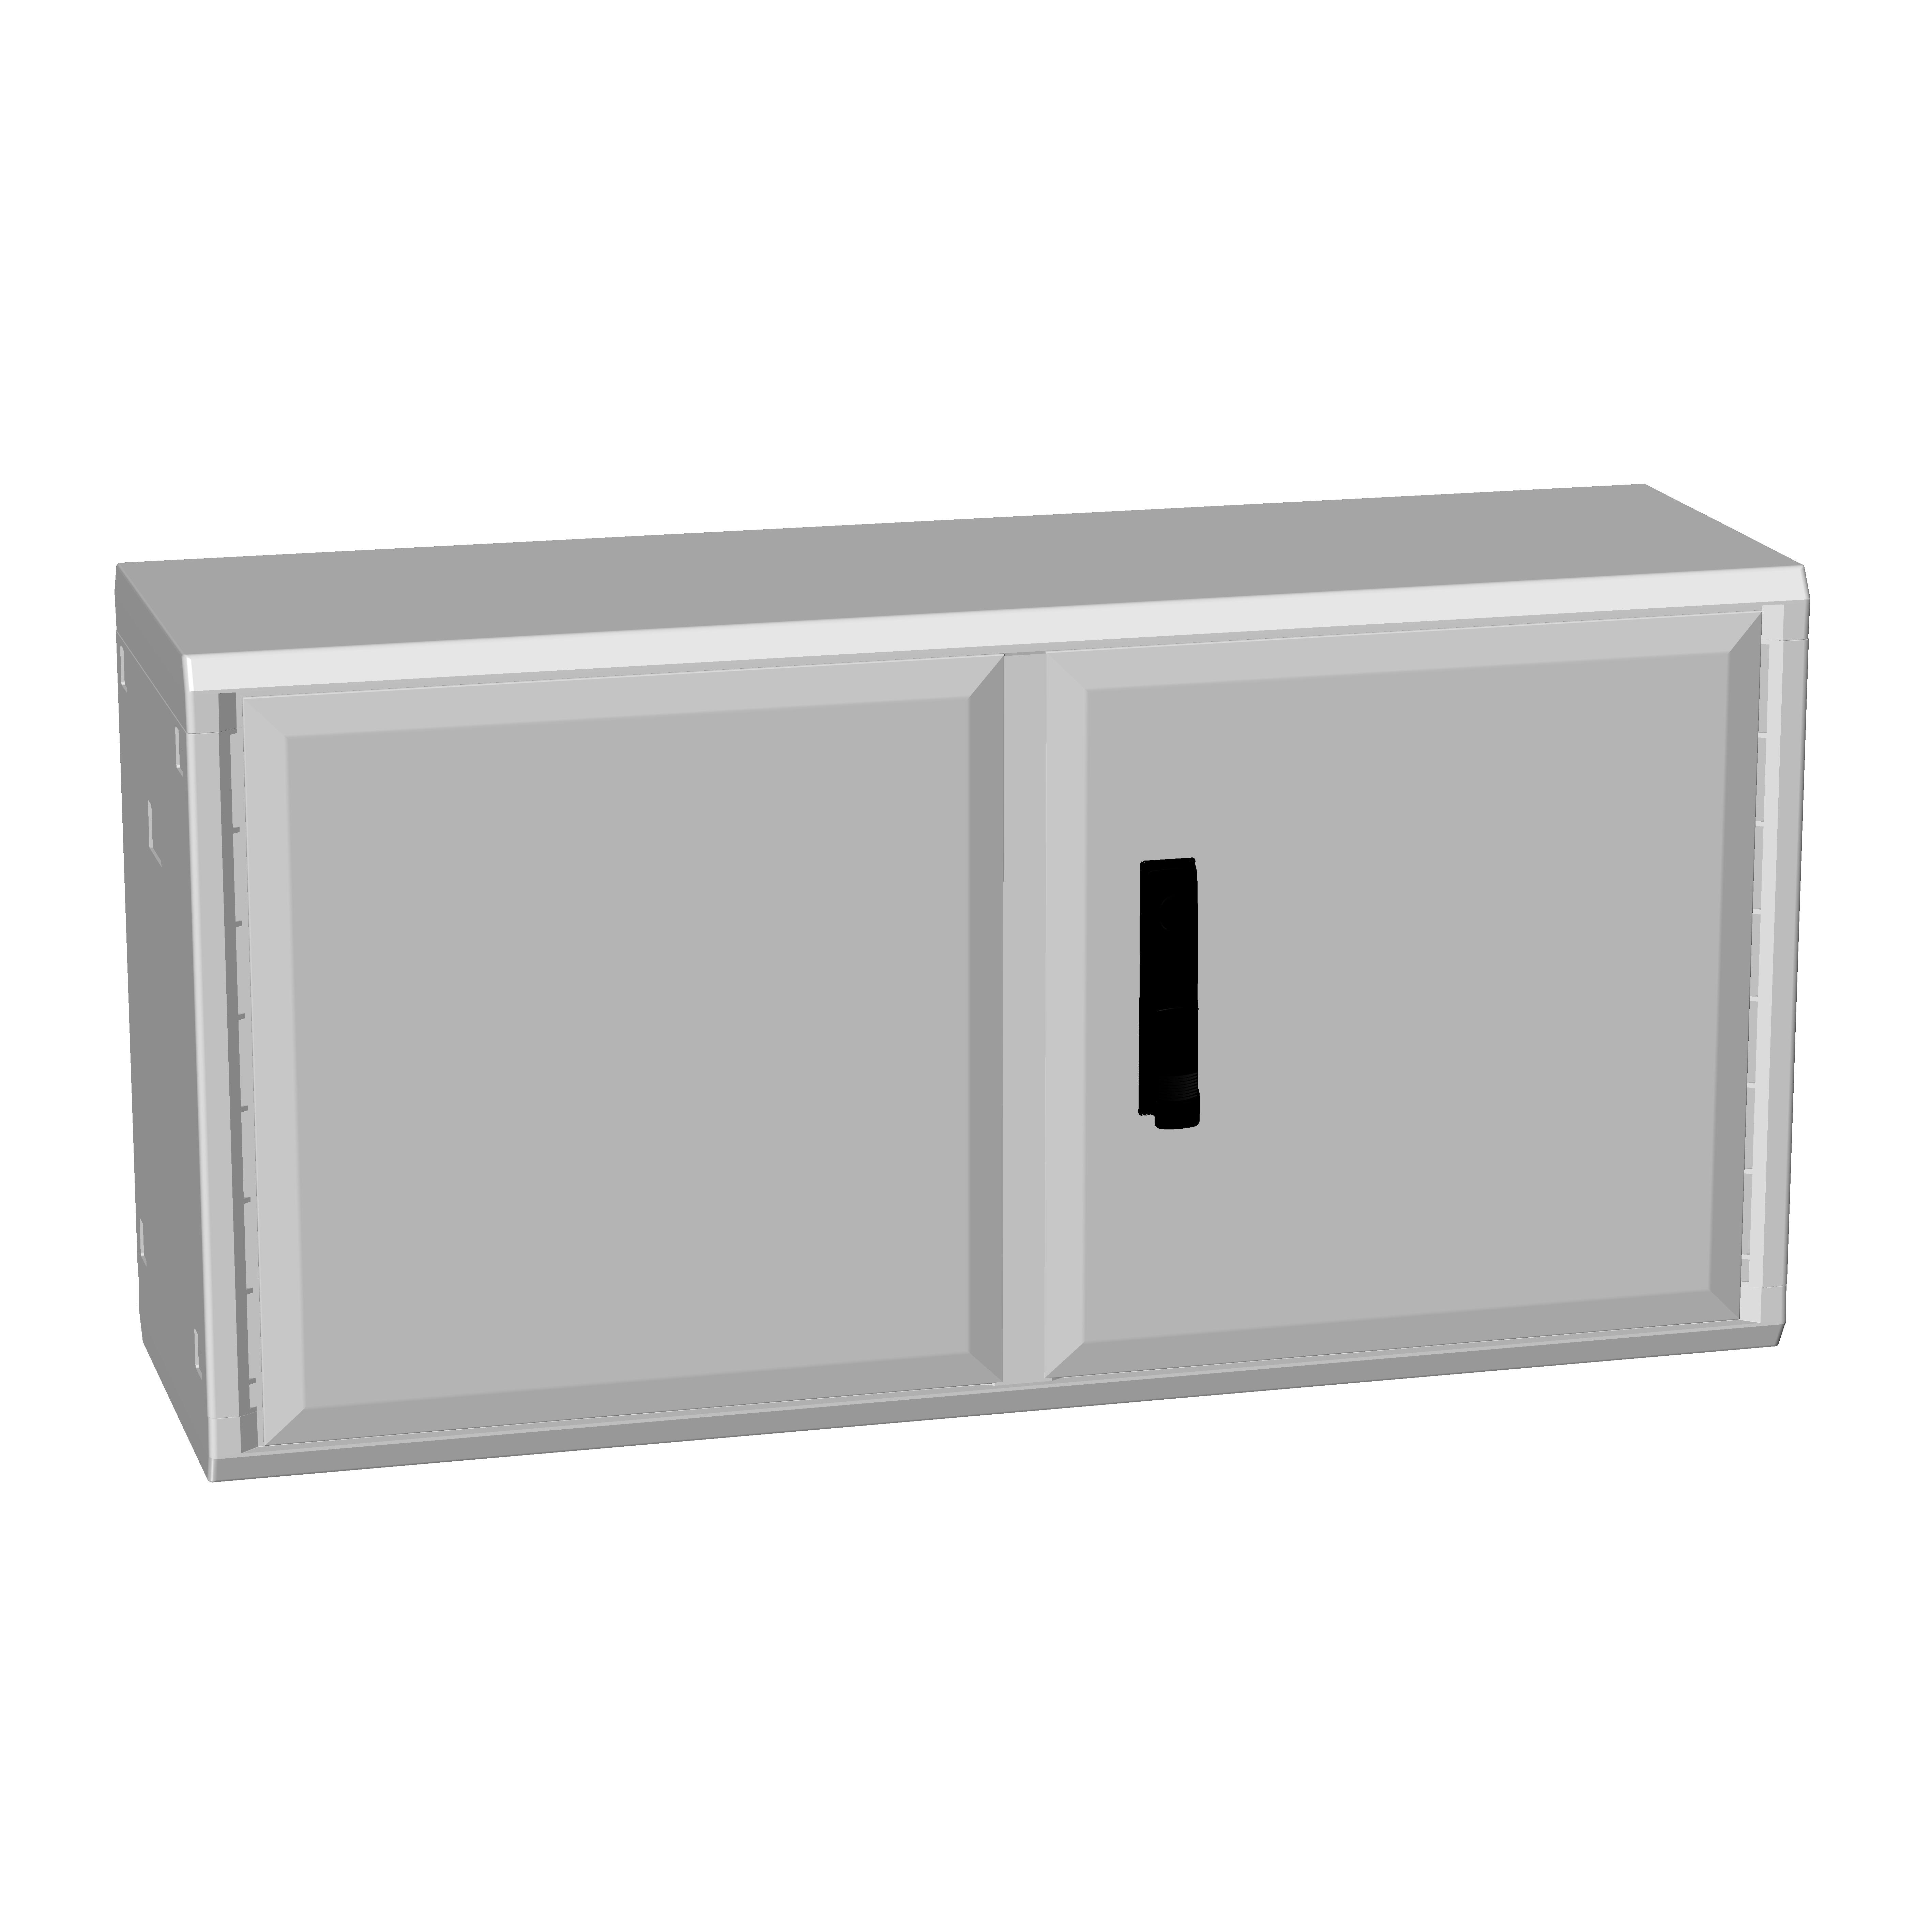 1 Stk Polyesterschrank, zweiflügelig, 500x1000x312 POCC2431--